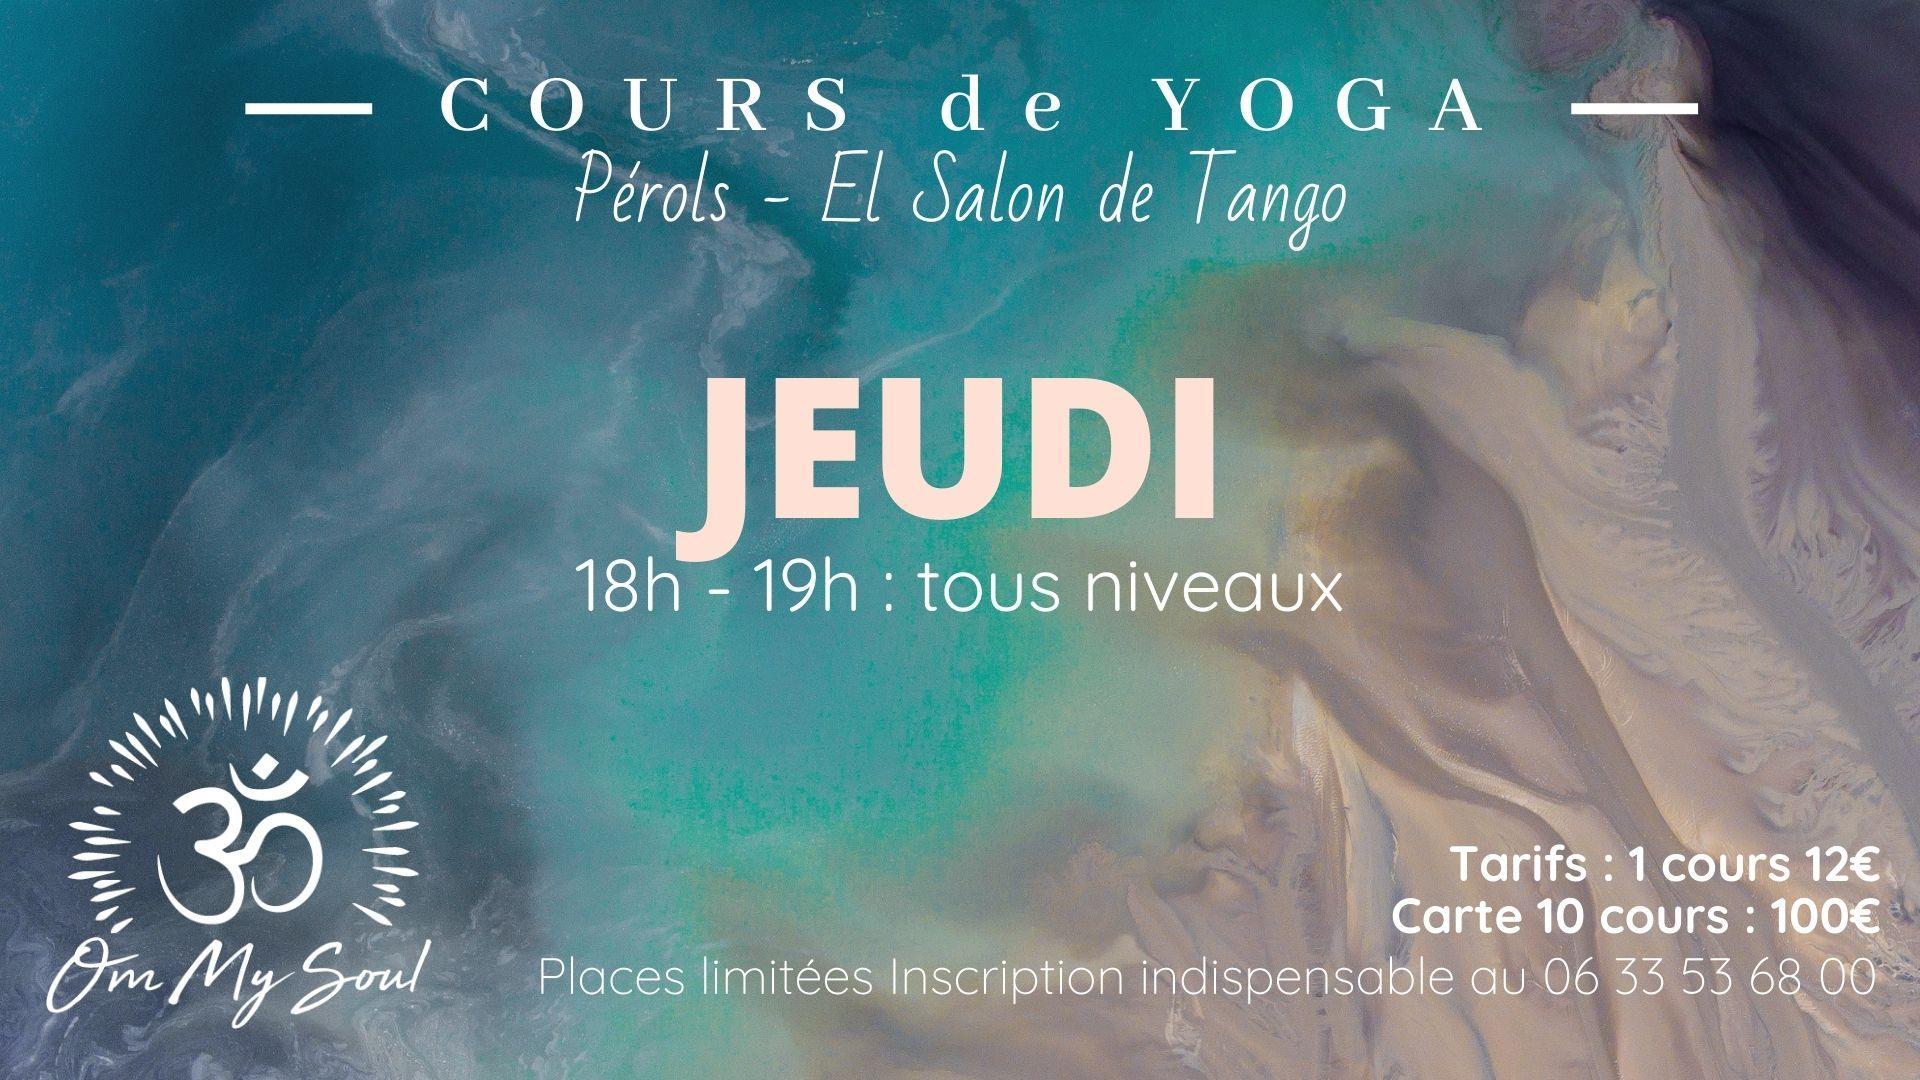 COURS-YOGA-EL-SALON-DE-TANGO-JEUDI-18h-19h-OM-MY-SOUL